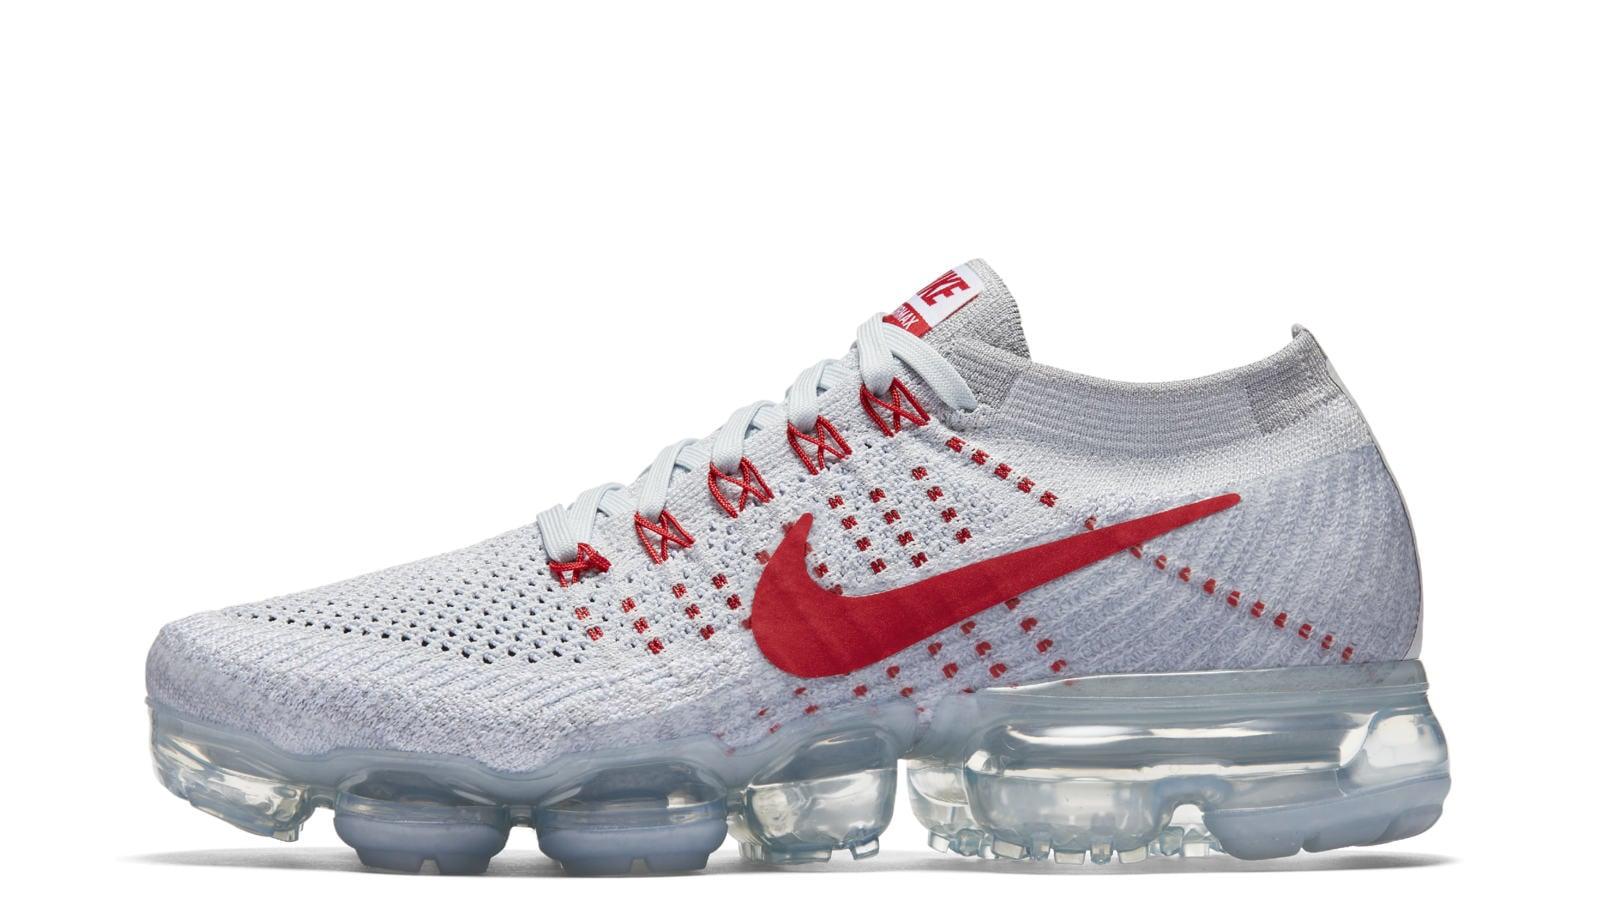 Nike Air Formposite One MCが4/20発売、Air VaporMaxは4/27発売